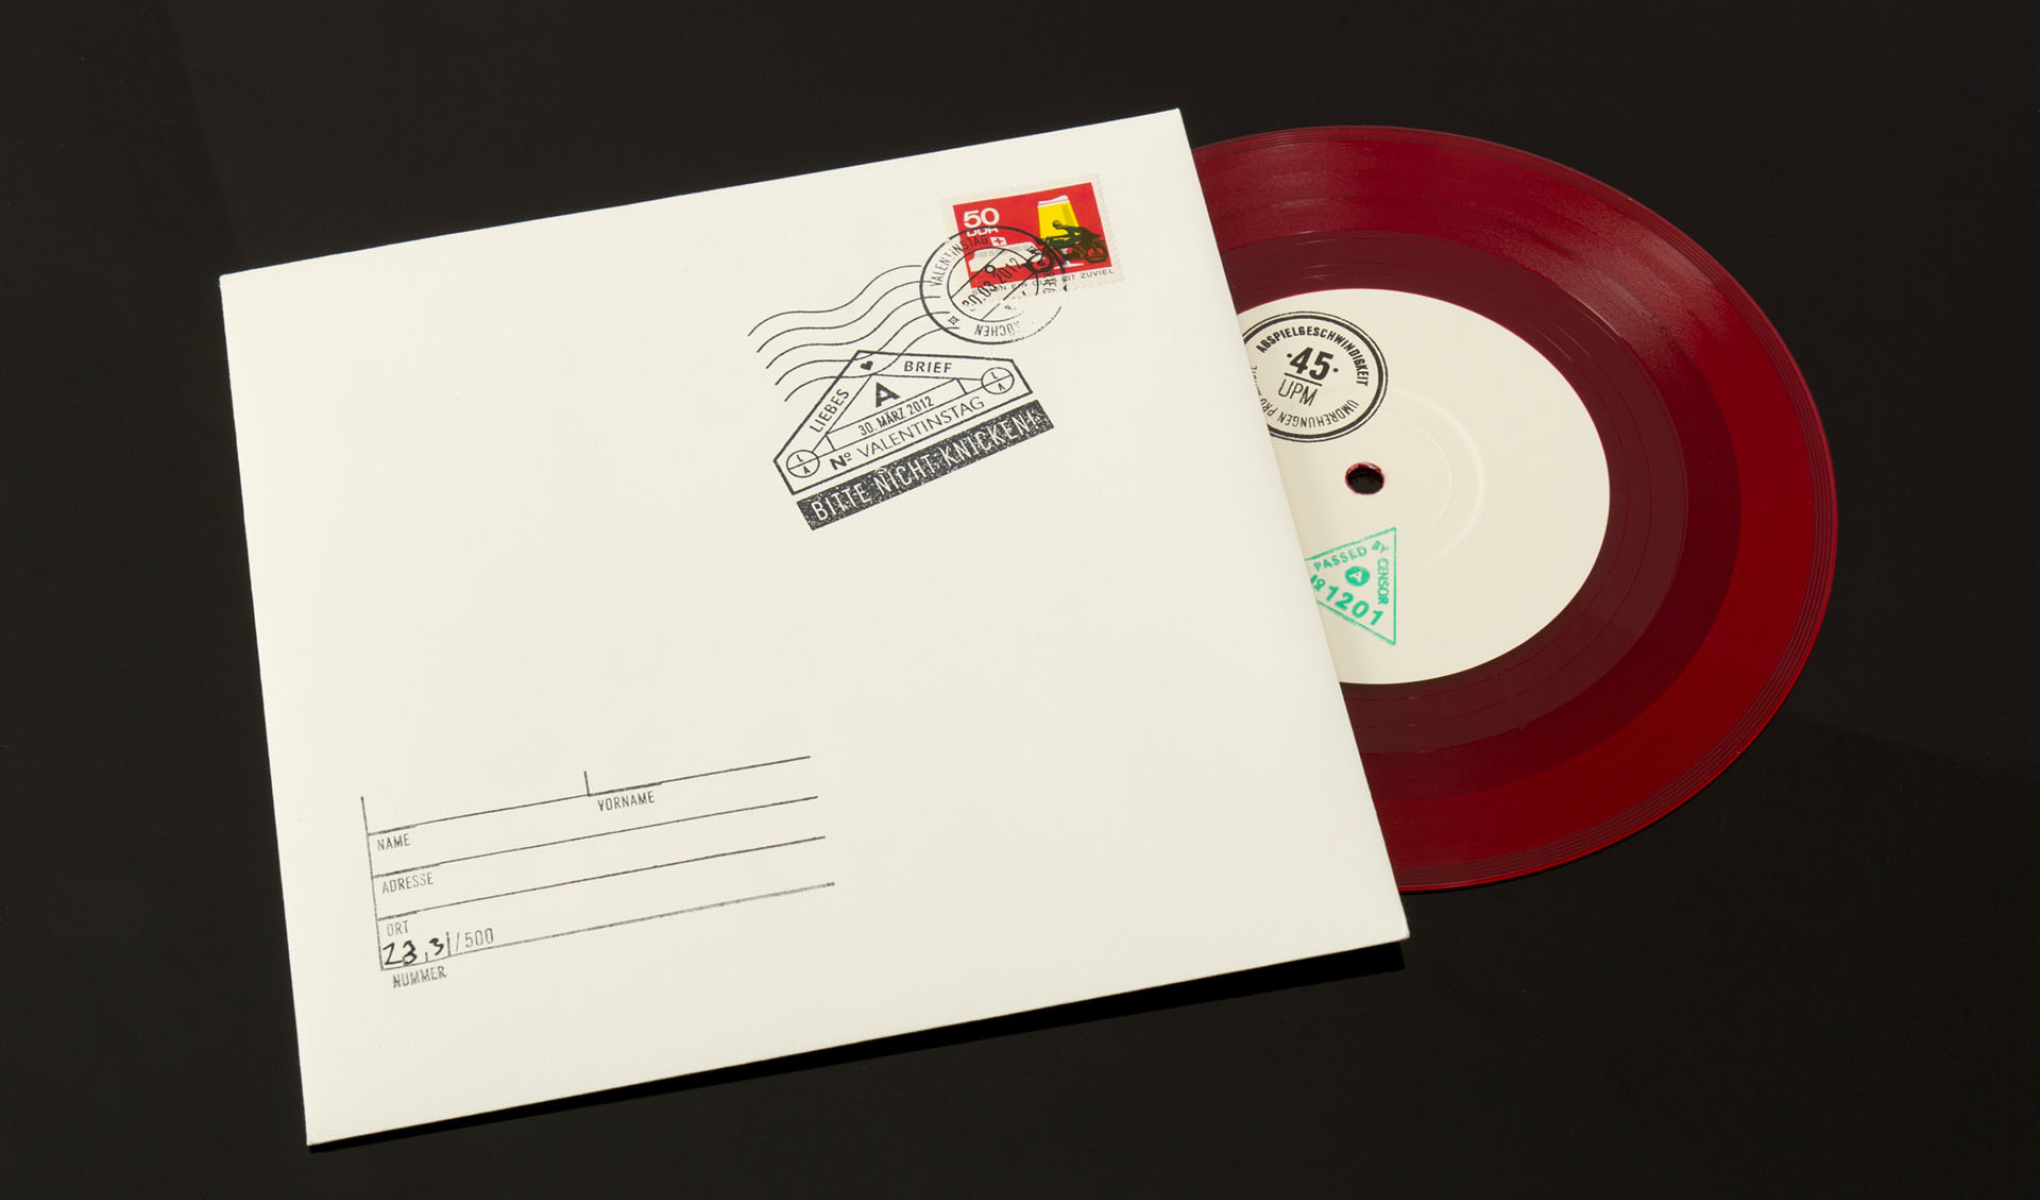 """Kreatives Cover Design für die Single """"Valentinstag"""" der Trierer Band Love A. Die sons of ipanema aus Köln haben Briefumschläge gestempelt und beschriftet."""